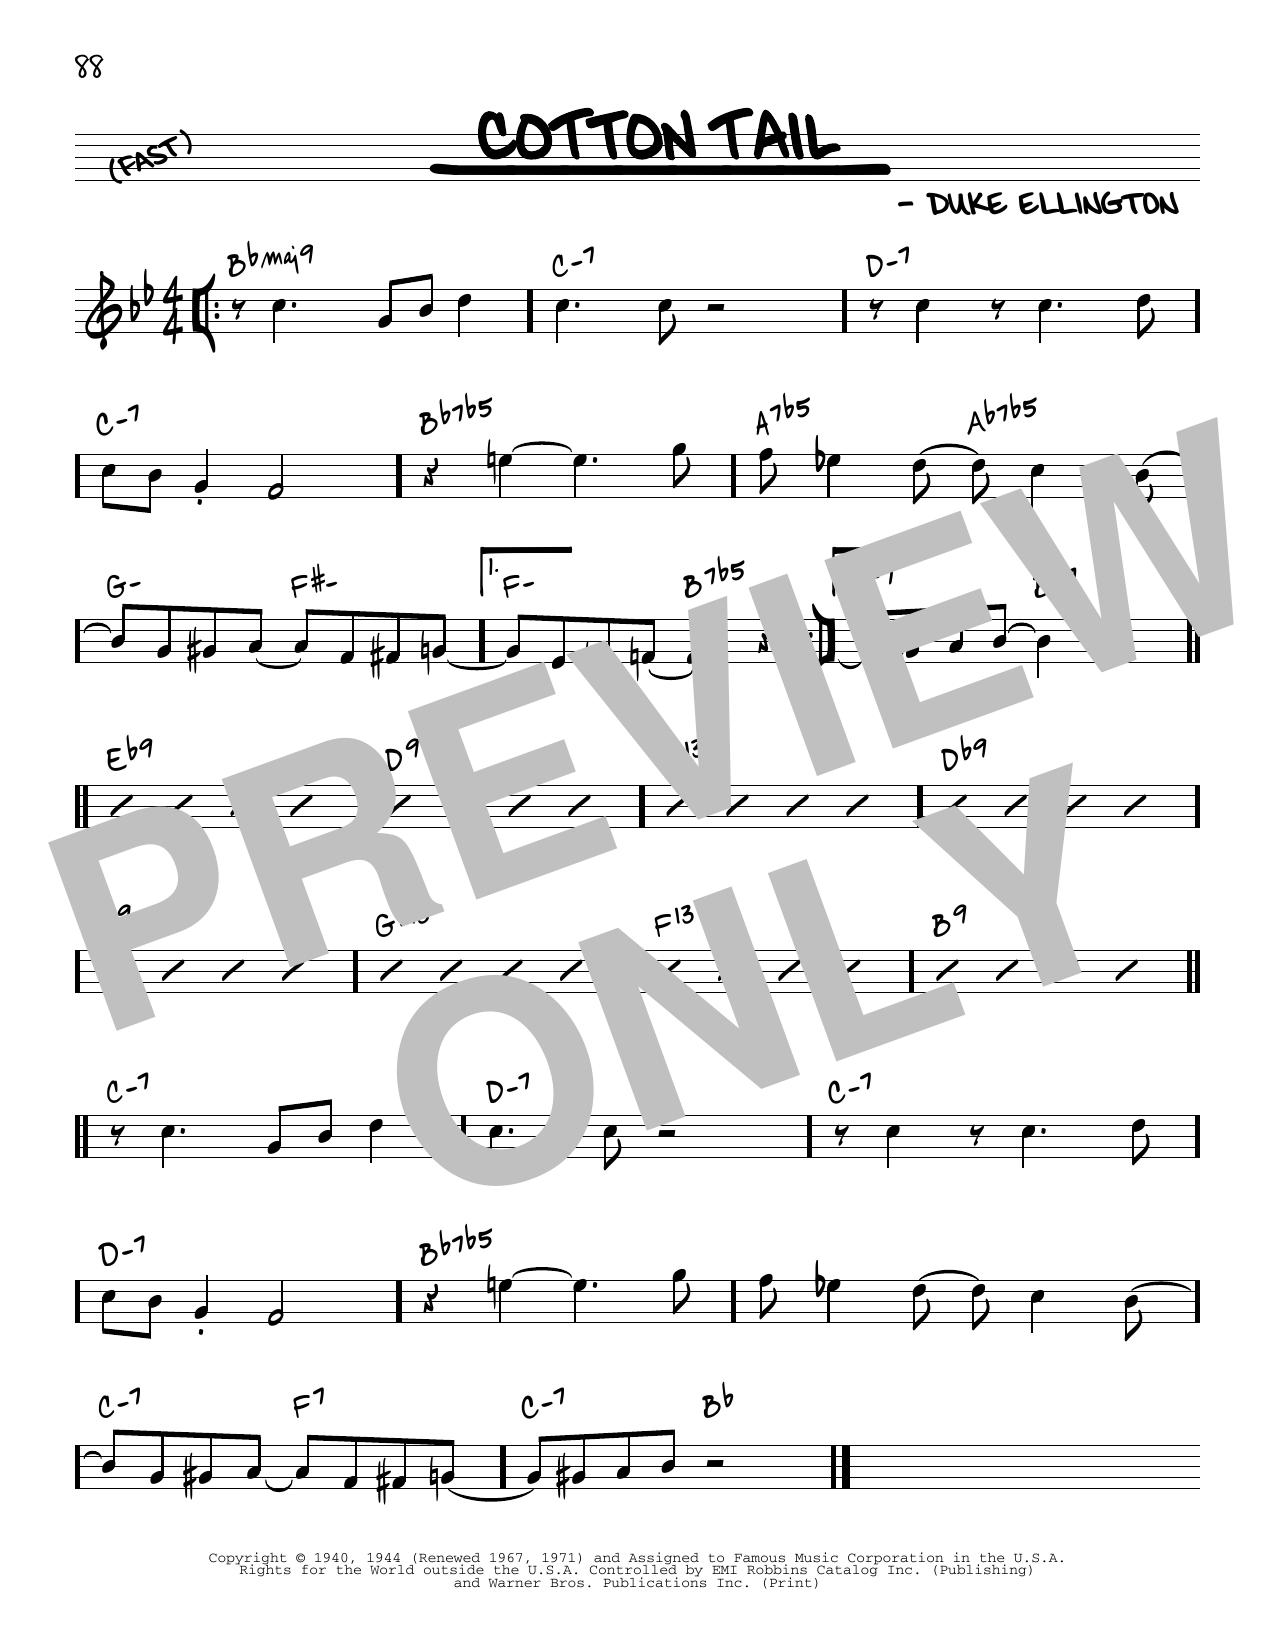 Duke Ellington Cotton Tail [Reharmonized version] (arr. Jack Grassel) sheet music notes printable PDF score